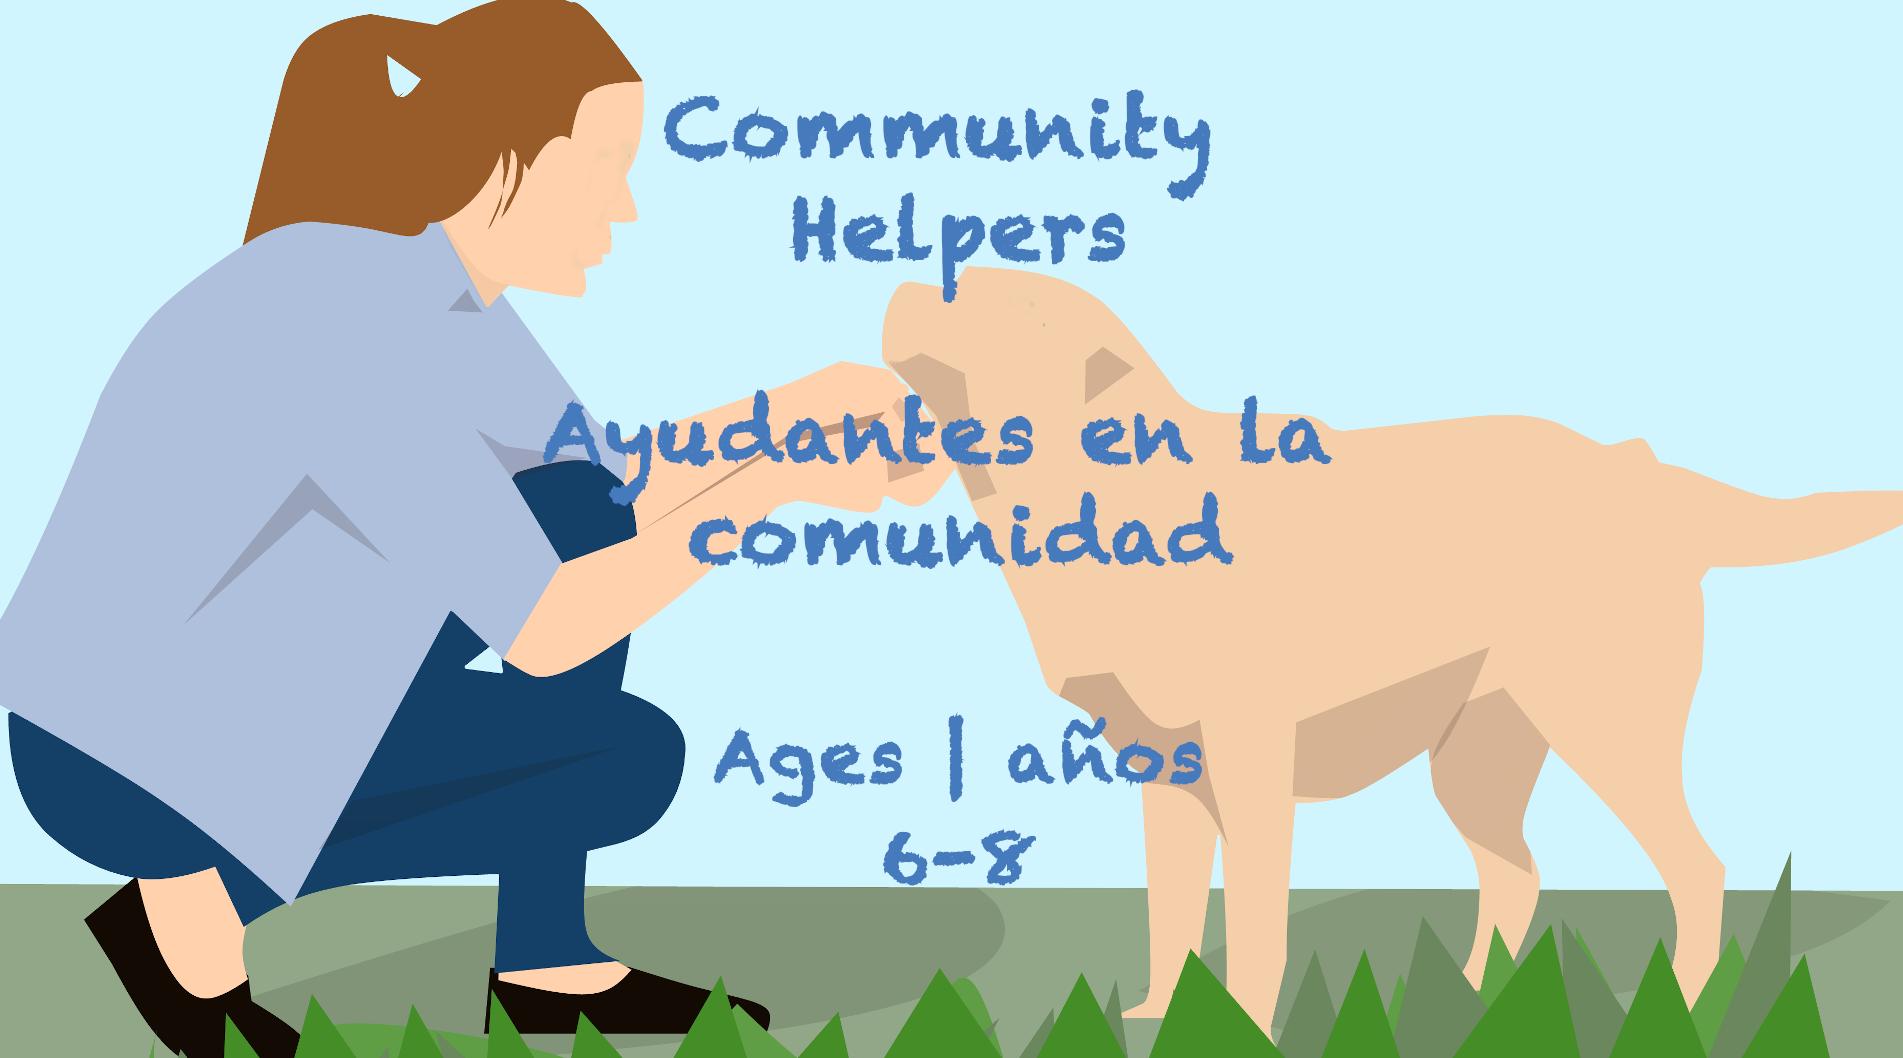 Weekly Themes #39 Community Helpers | Colaboradores de la comunidad for 6-8 year olds